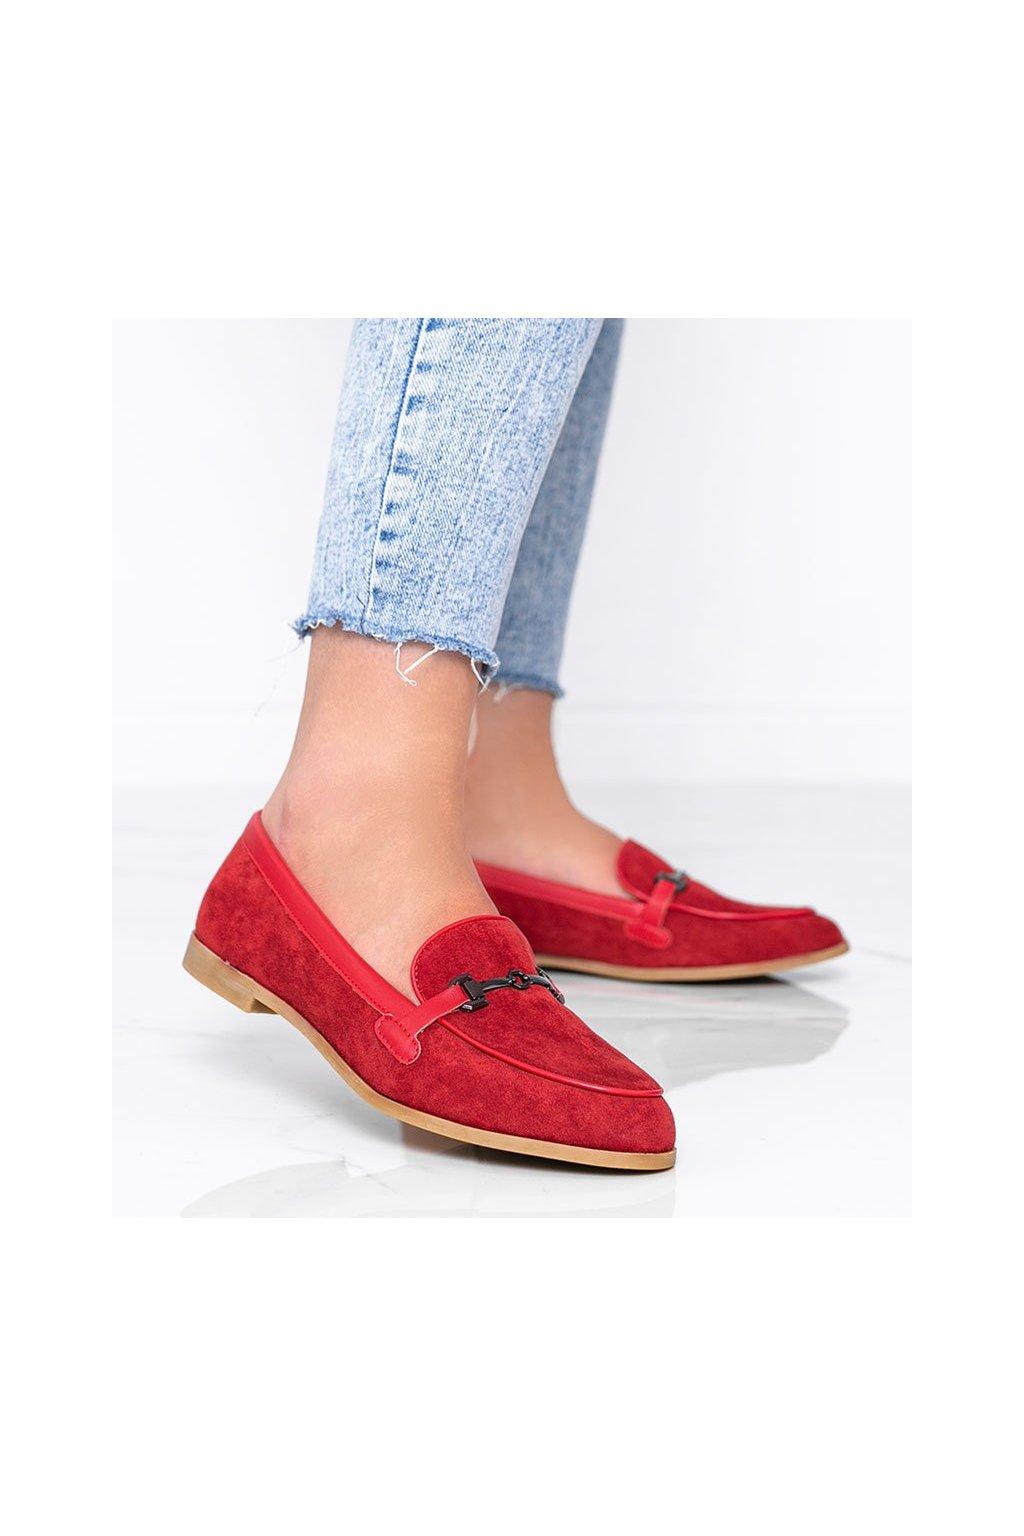 Dámske topánky mokasíny červené kód 8742 - GM